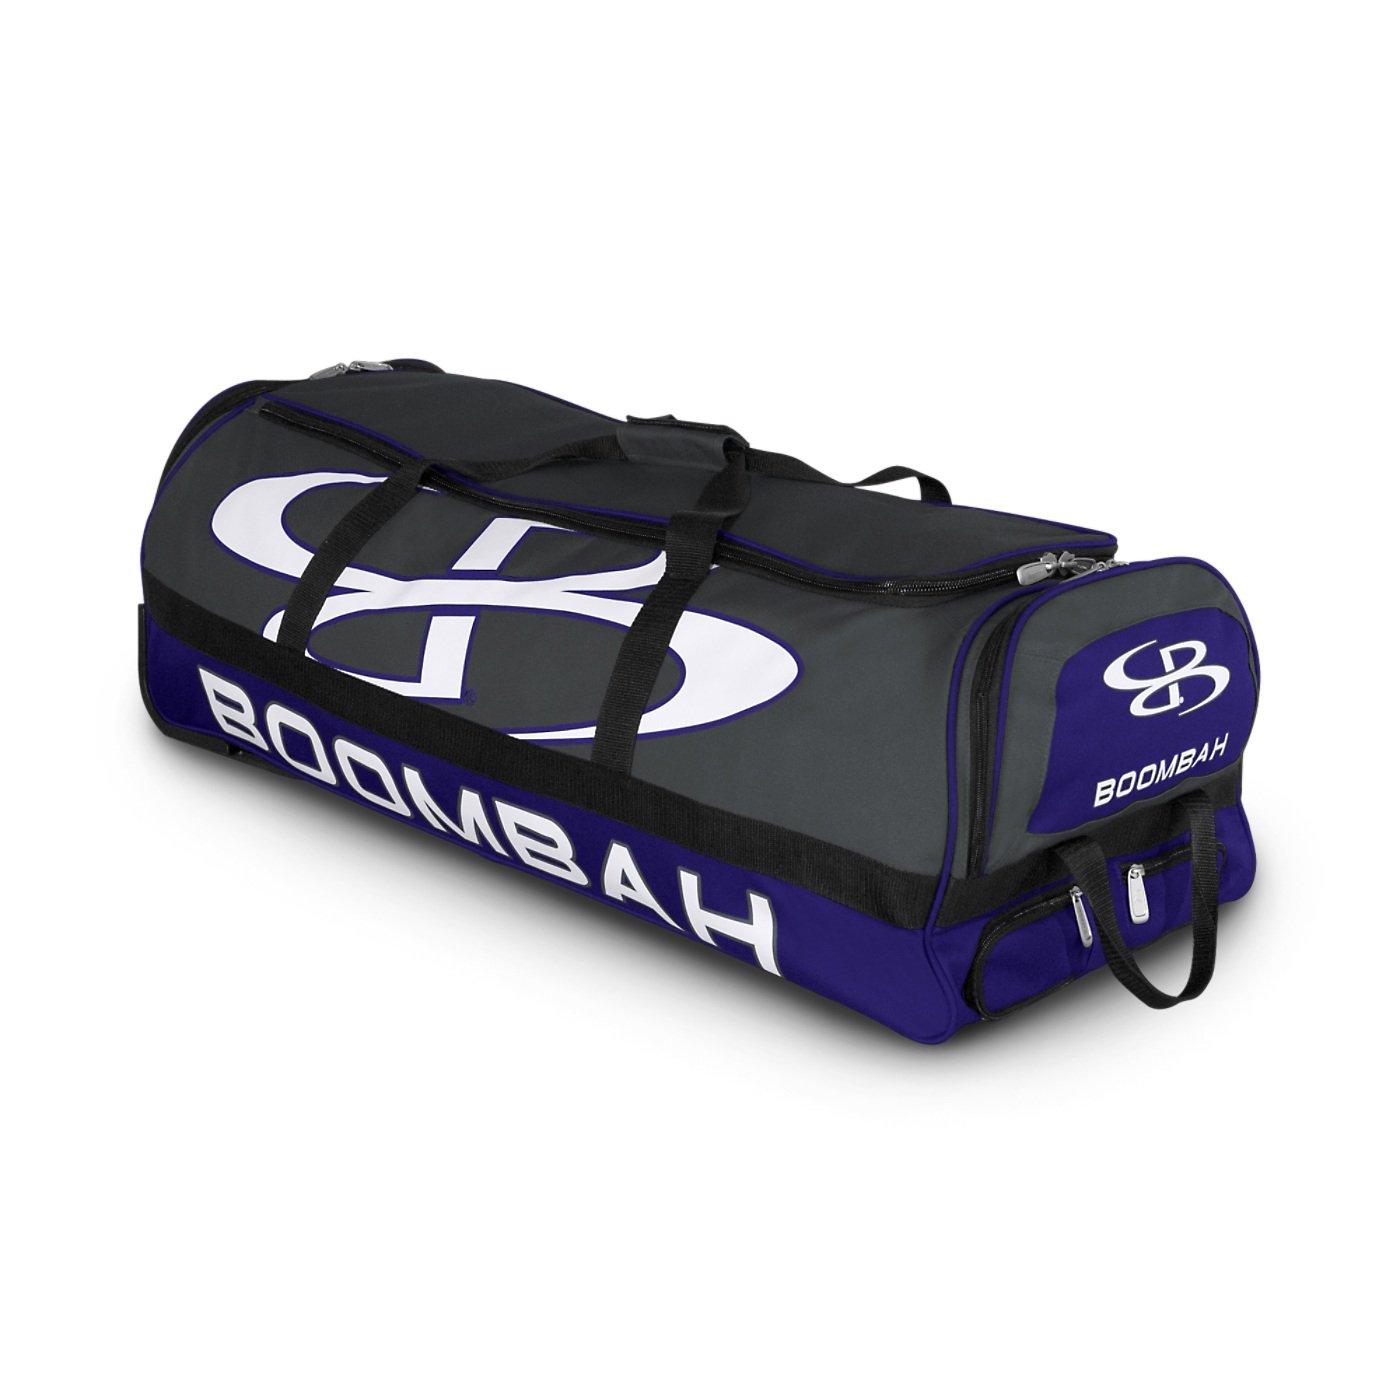 (ブームバー) Boombah Bruteシリーズ キャスター付きバットケース 野球ソフトボール用 35×15×12–1/2インチ 49色展開 4本のバットと用具を収納可能 B01MQPQRB9 Dark Charcoal/Purple Dark Charcoal/Purple